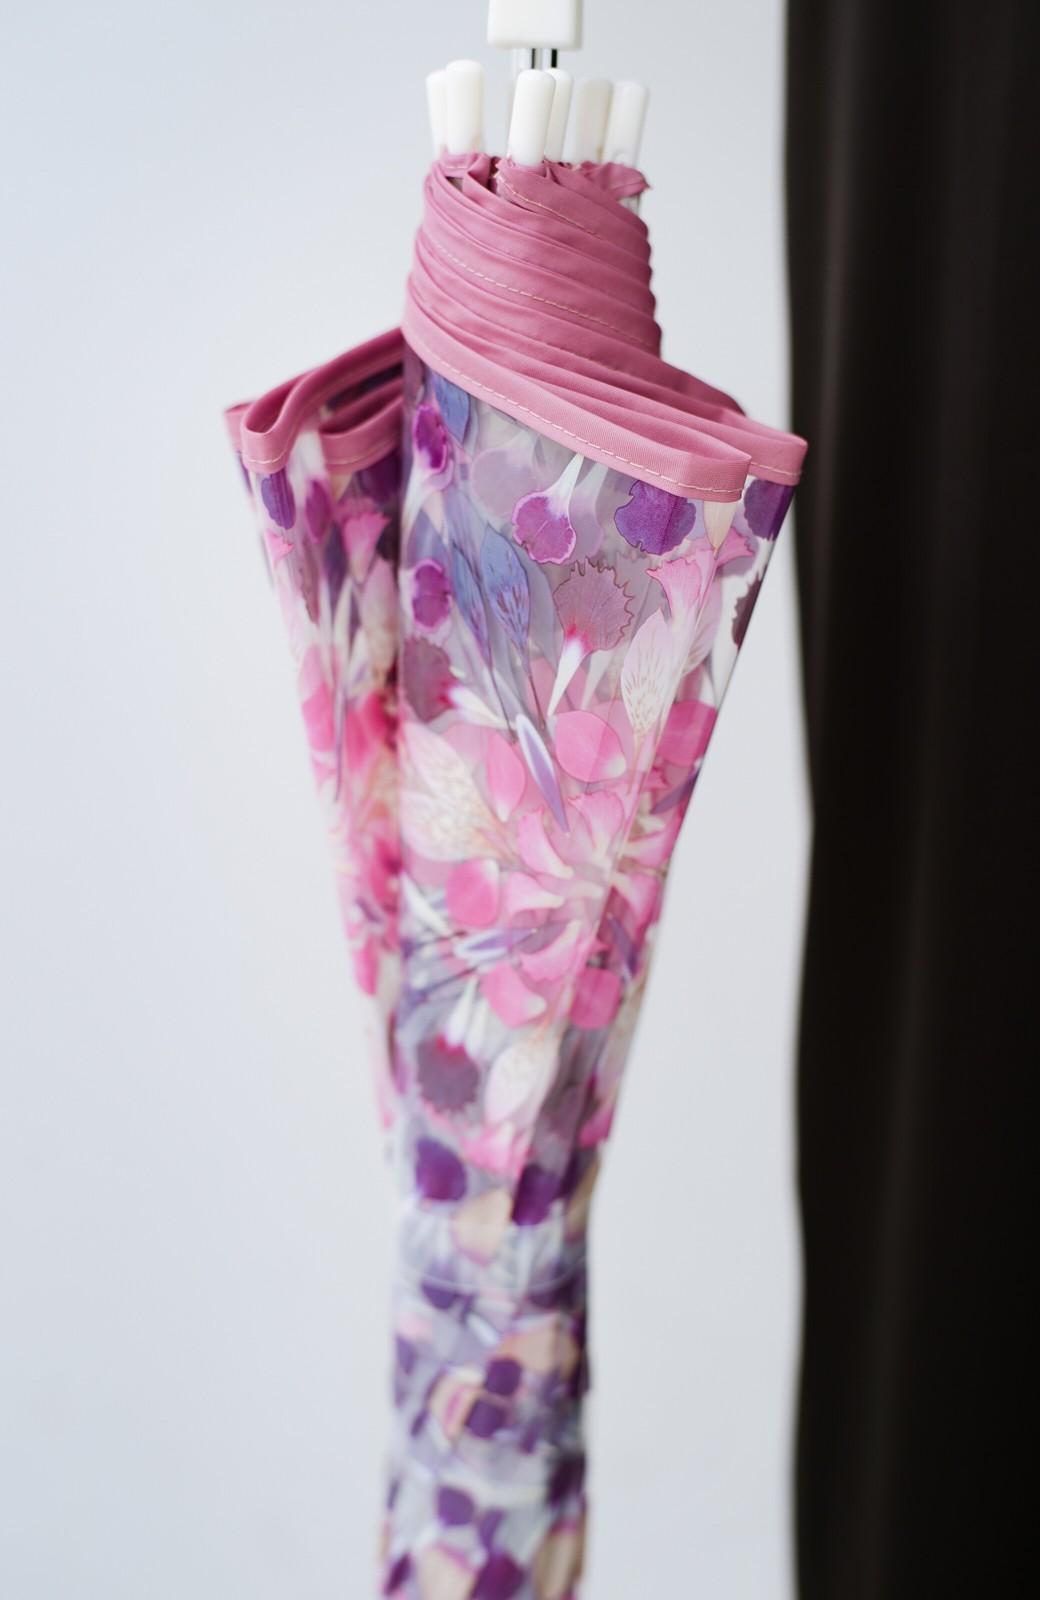 haco! Wpc.×plantica ドーム型がかわいい プラスティックアンブレラ フラワー <ピンク>の商品写真7